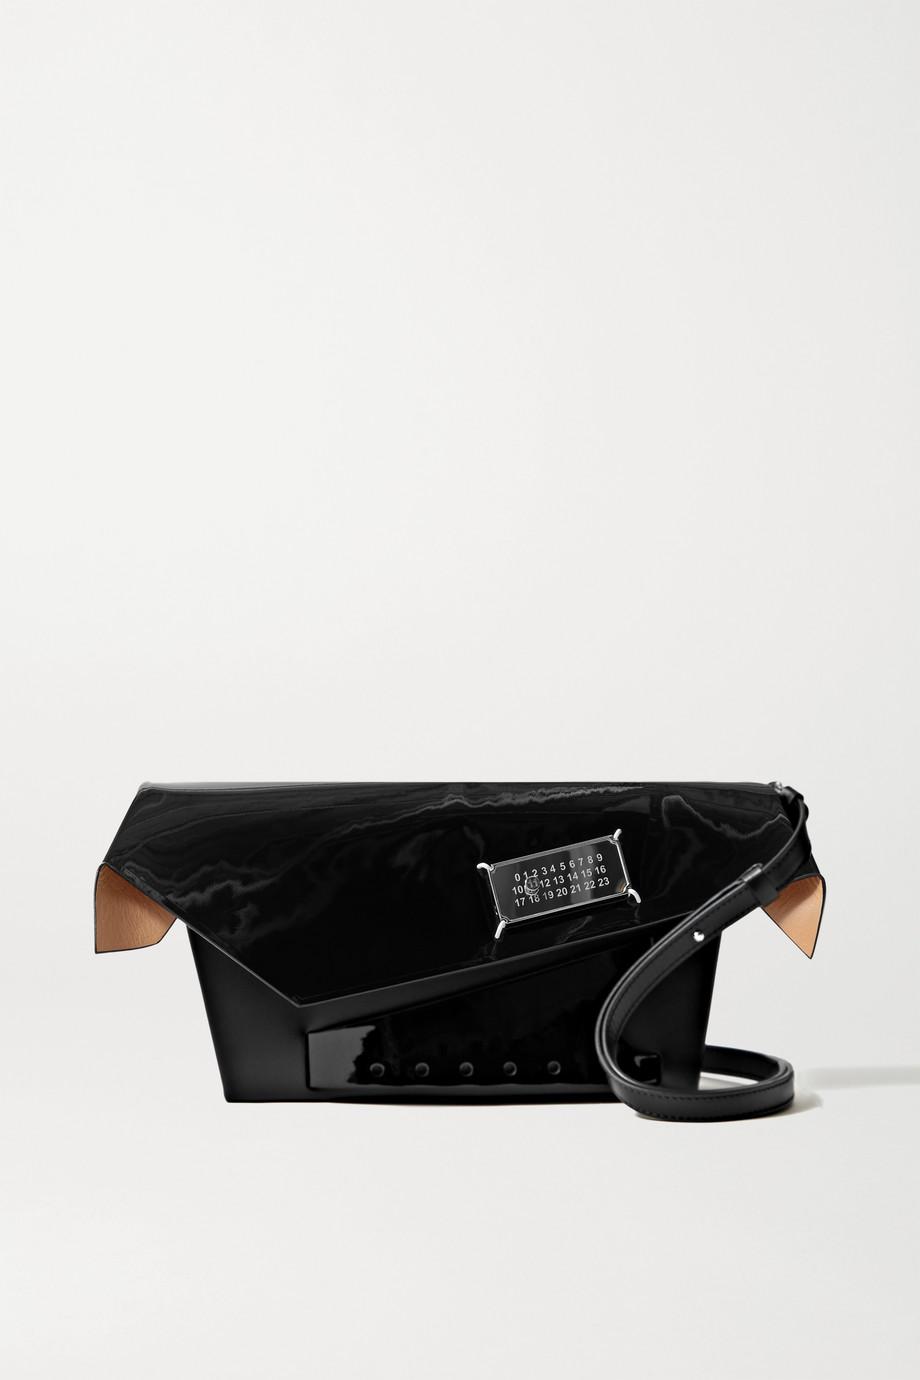 Maison Margiela Snatched Schultertasche aus Leder mit Verzierung und Lacklederbesatz